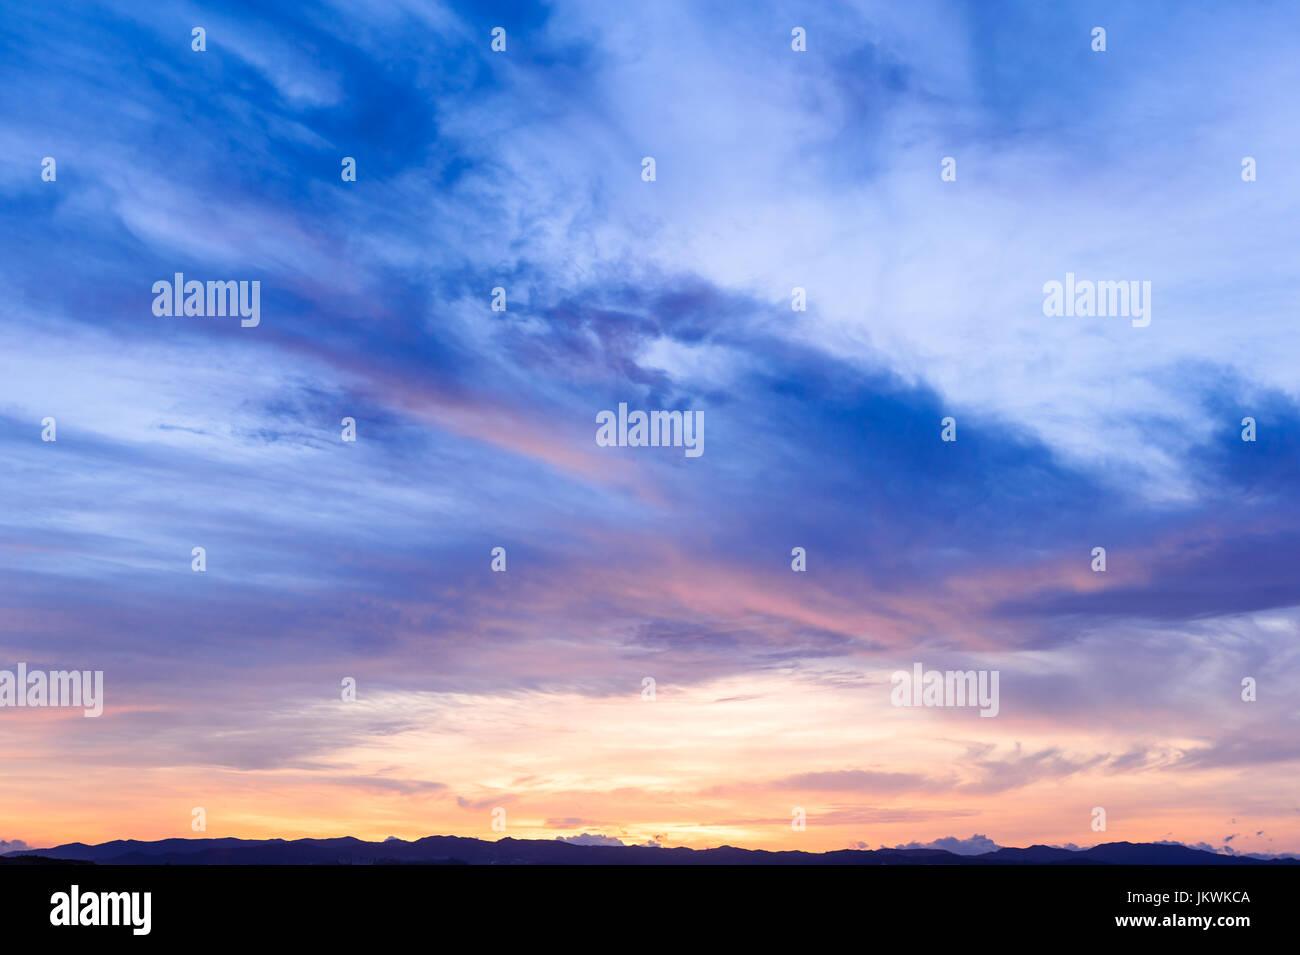 Futuro, il passare del tempo, nuovo giorno, sky, azzurro, arancione e giallo tramonto Colori sunrise Immagini Stock